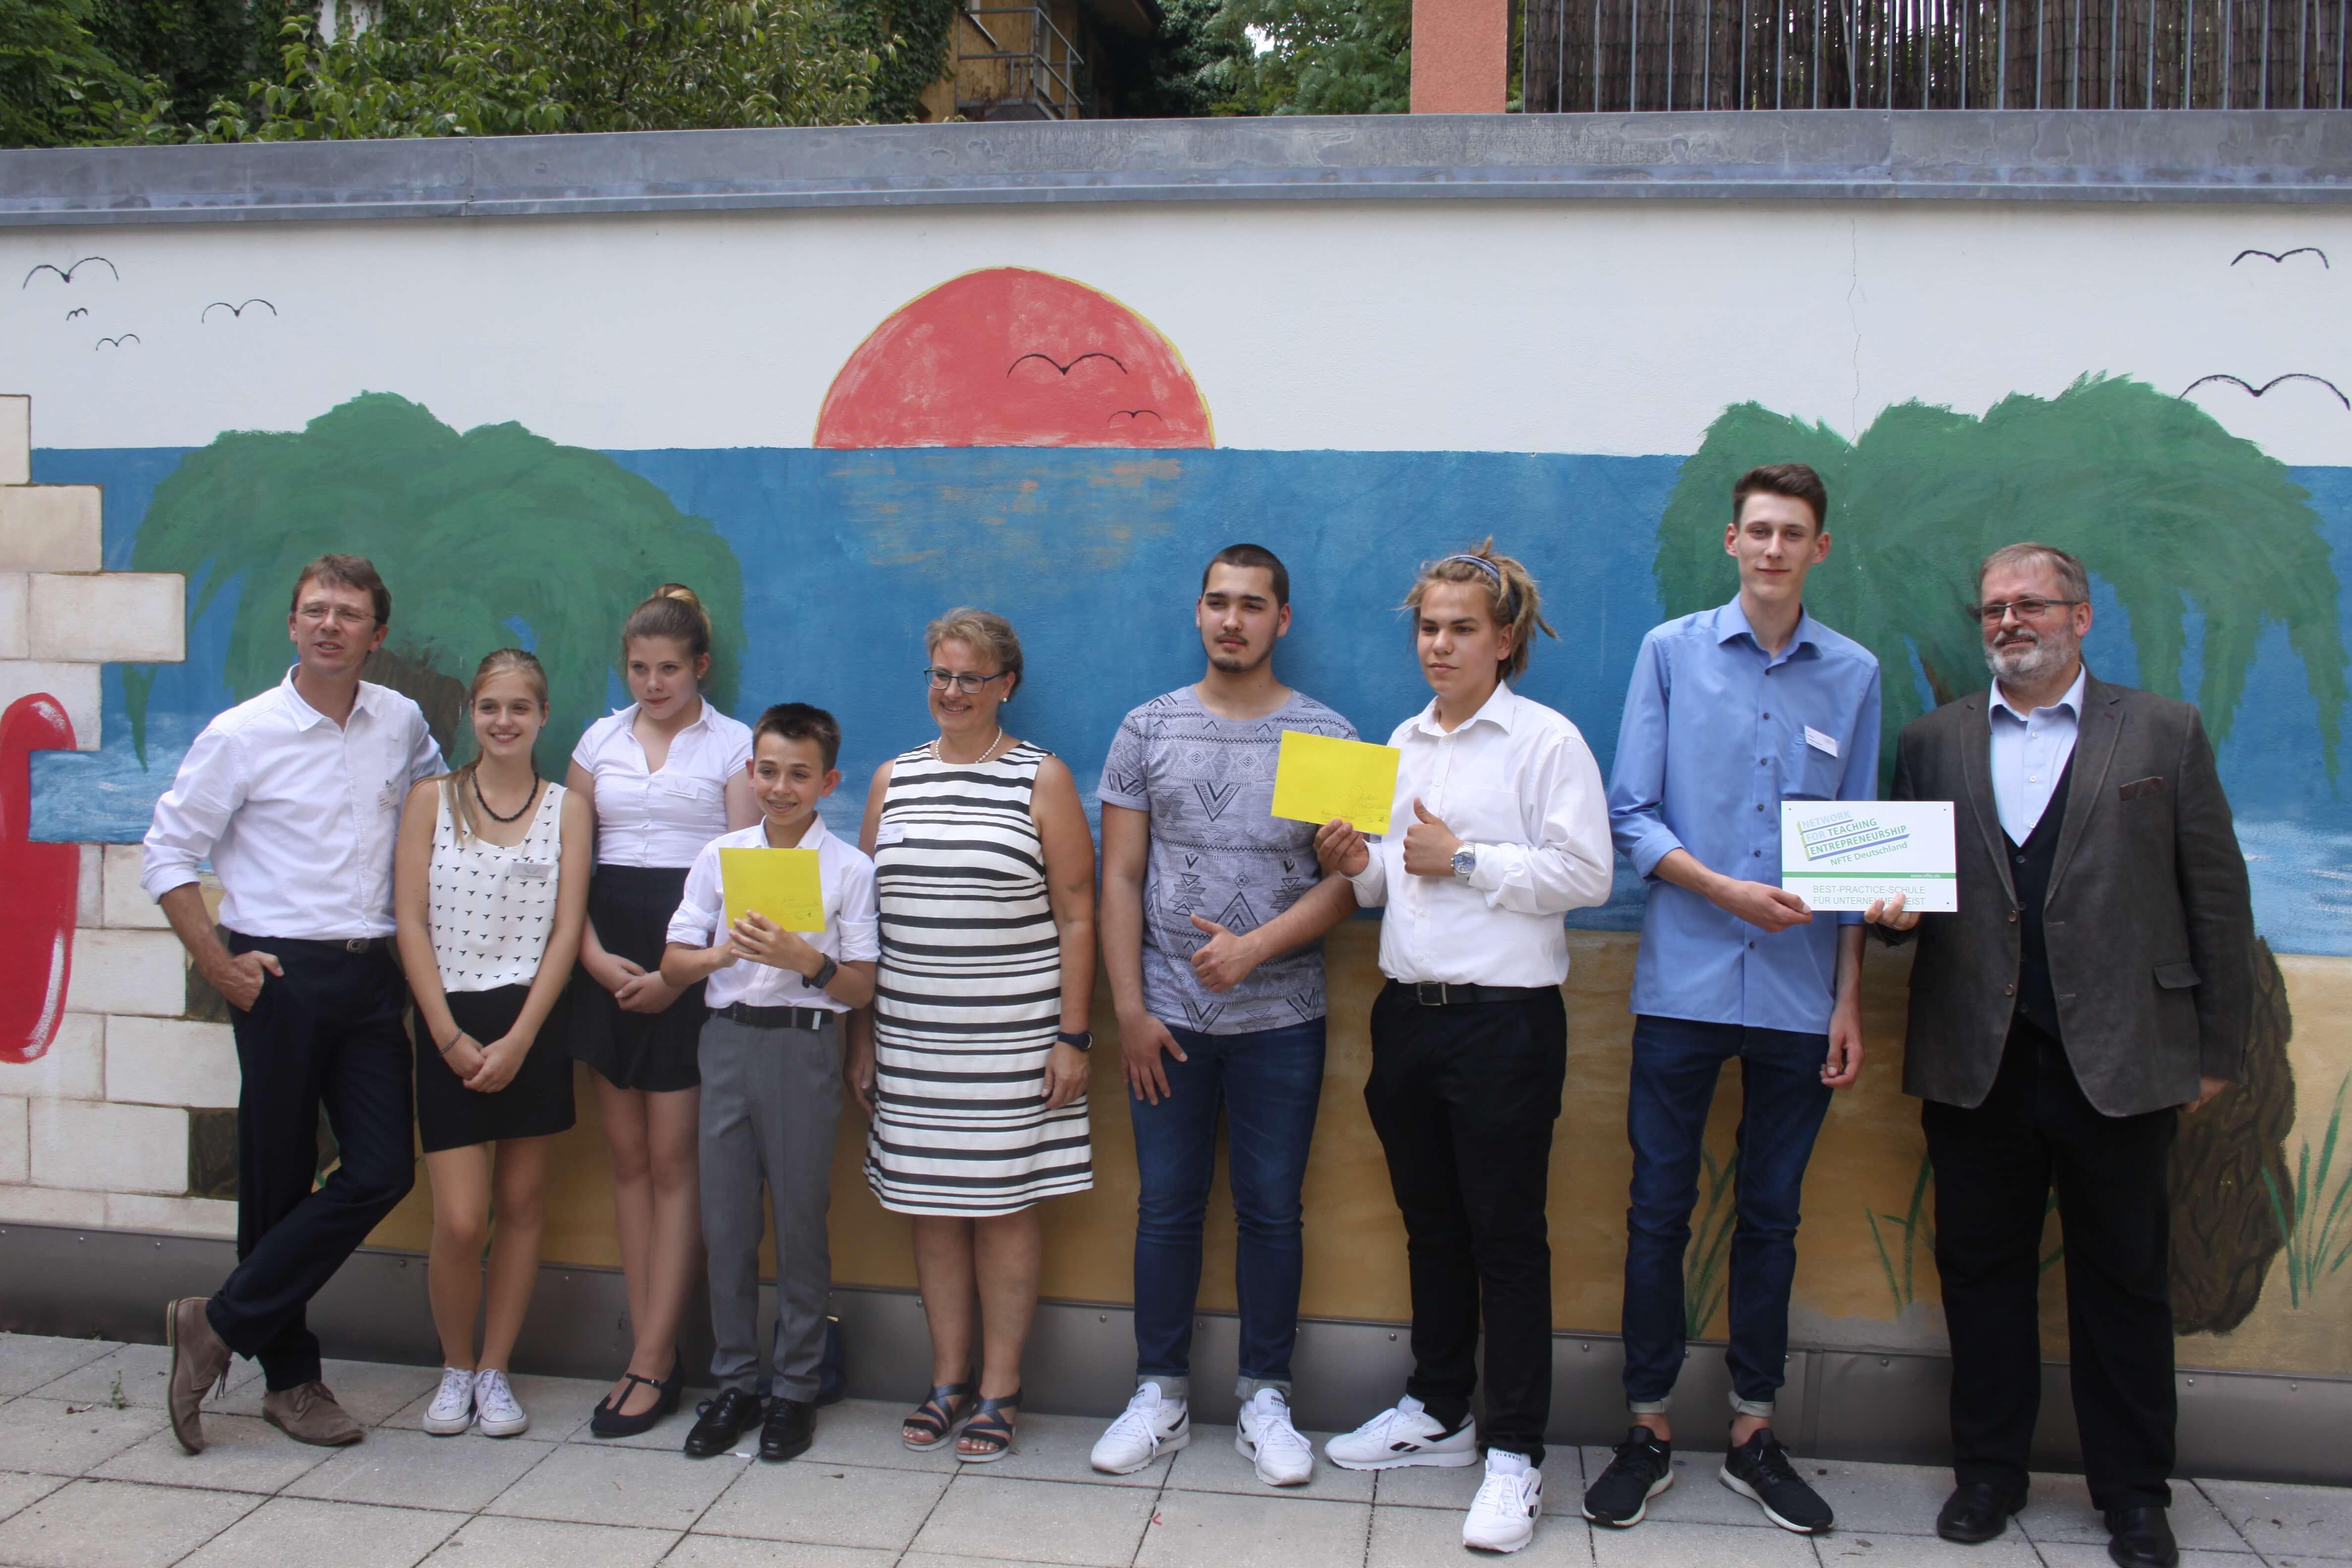 Gewinner und Organisatoren des NFTE Landesevents für Bayern